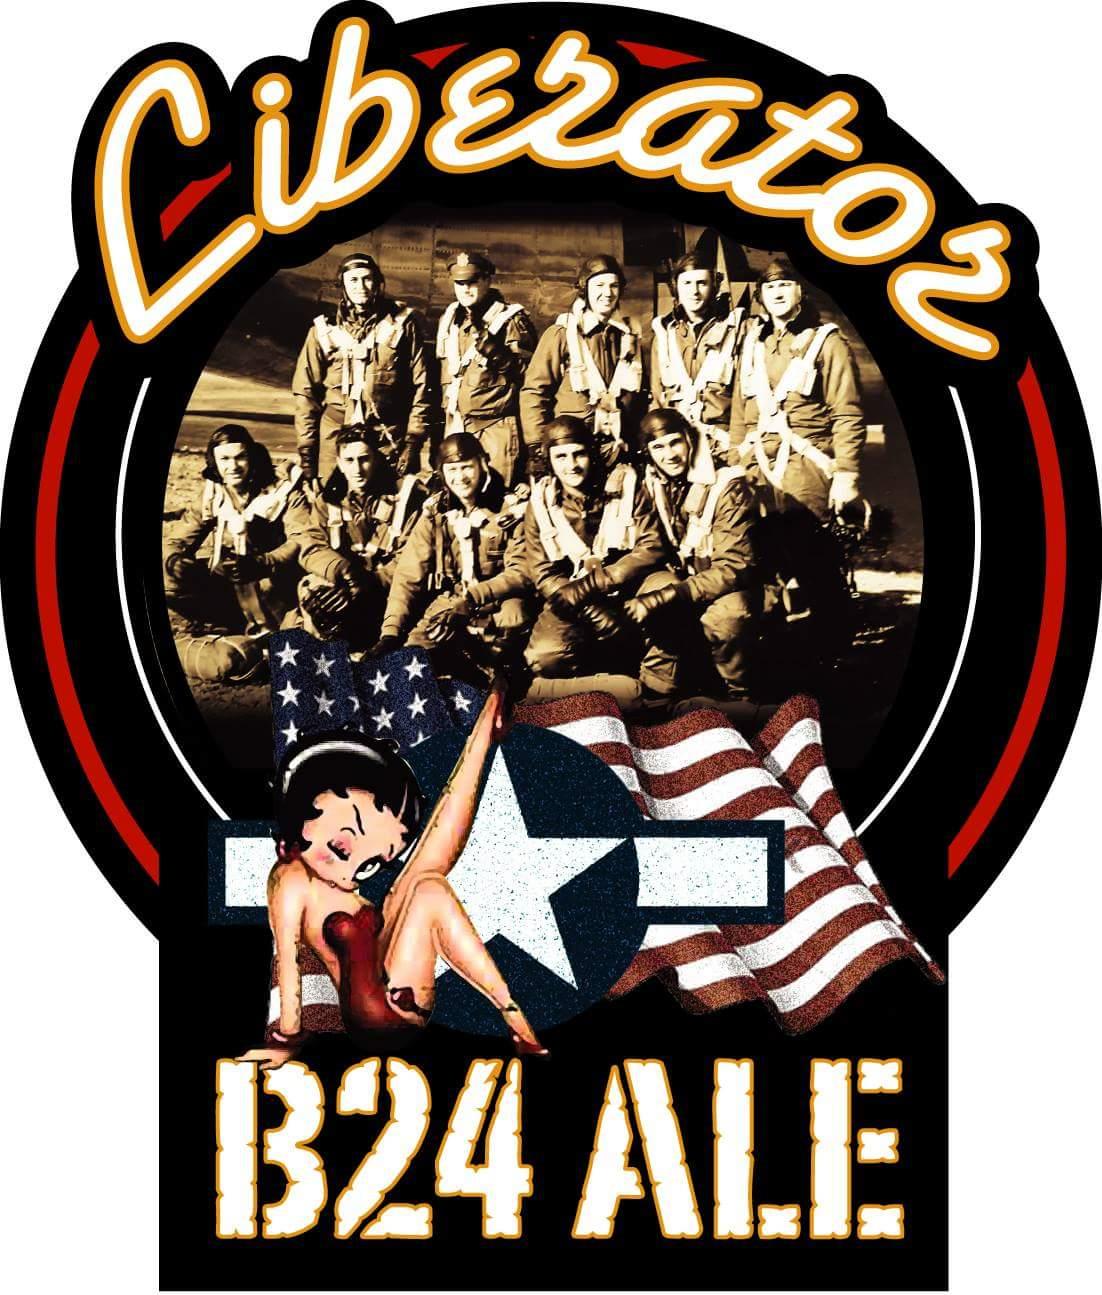 B24 ALE